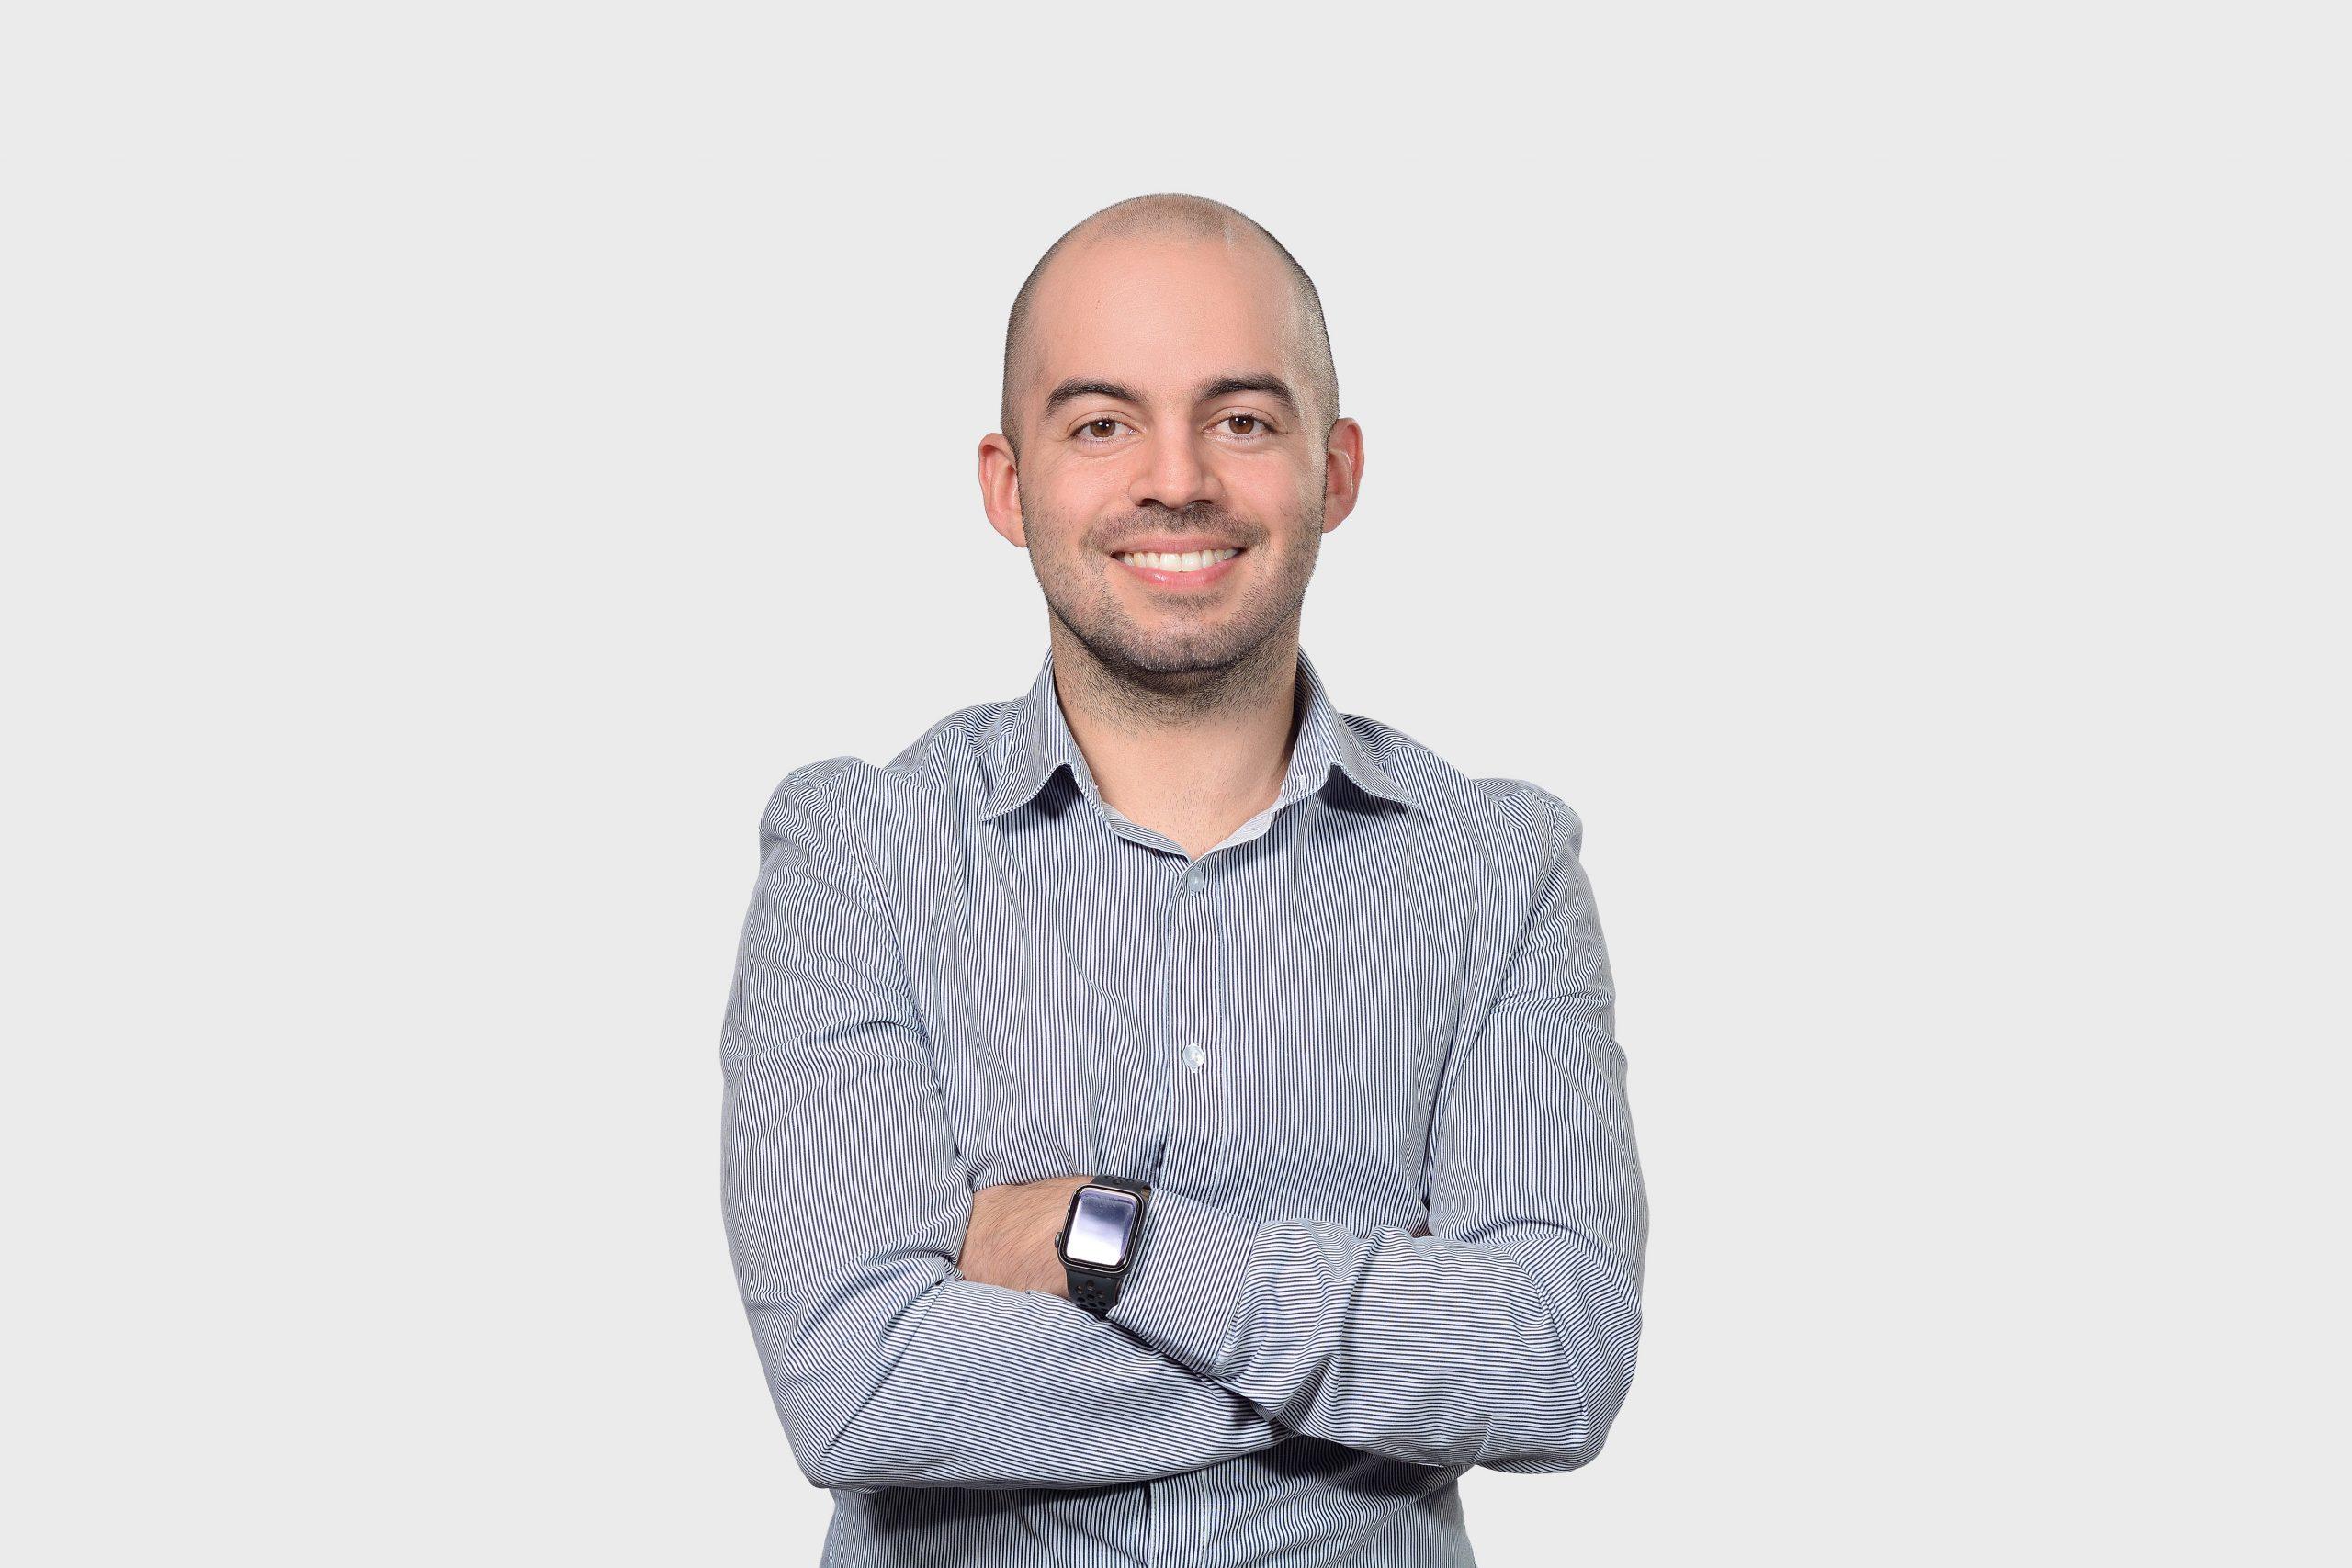 Oscar Maureira